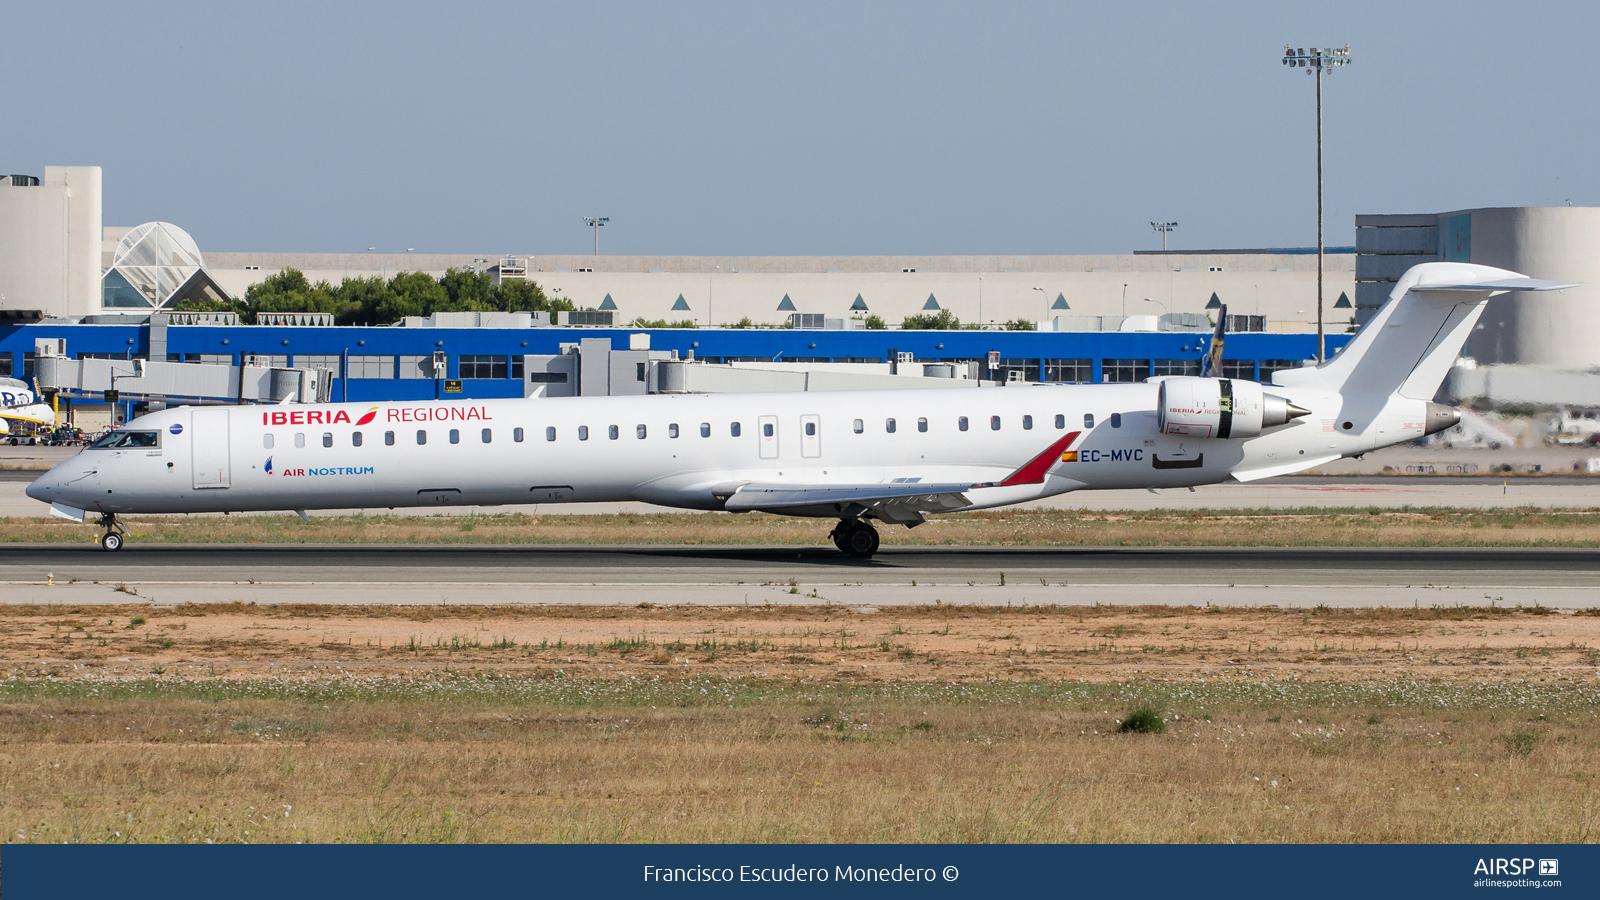 Air Nostrum Iberia RegionalBombardier CRJ-1000EC-MVC